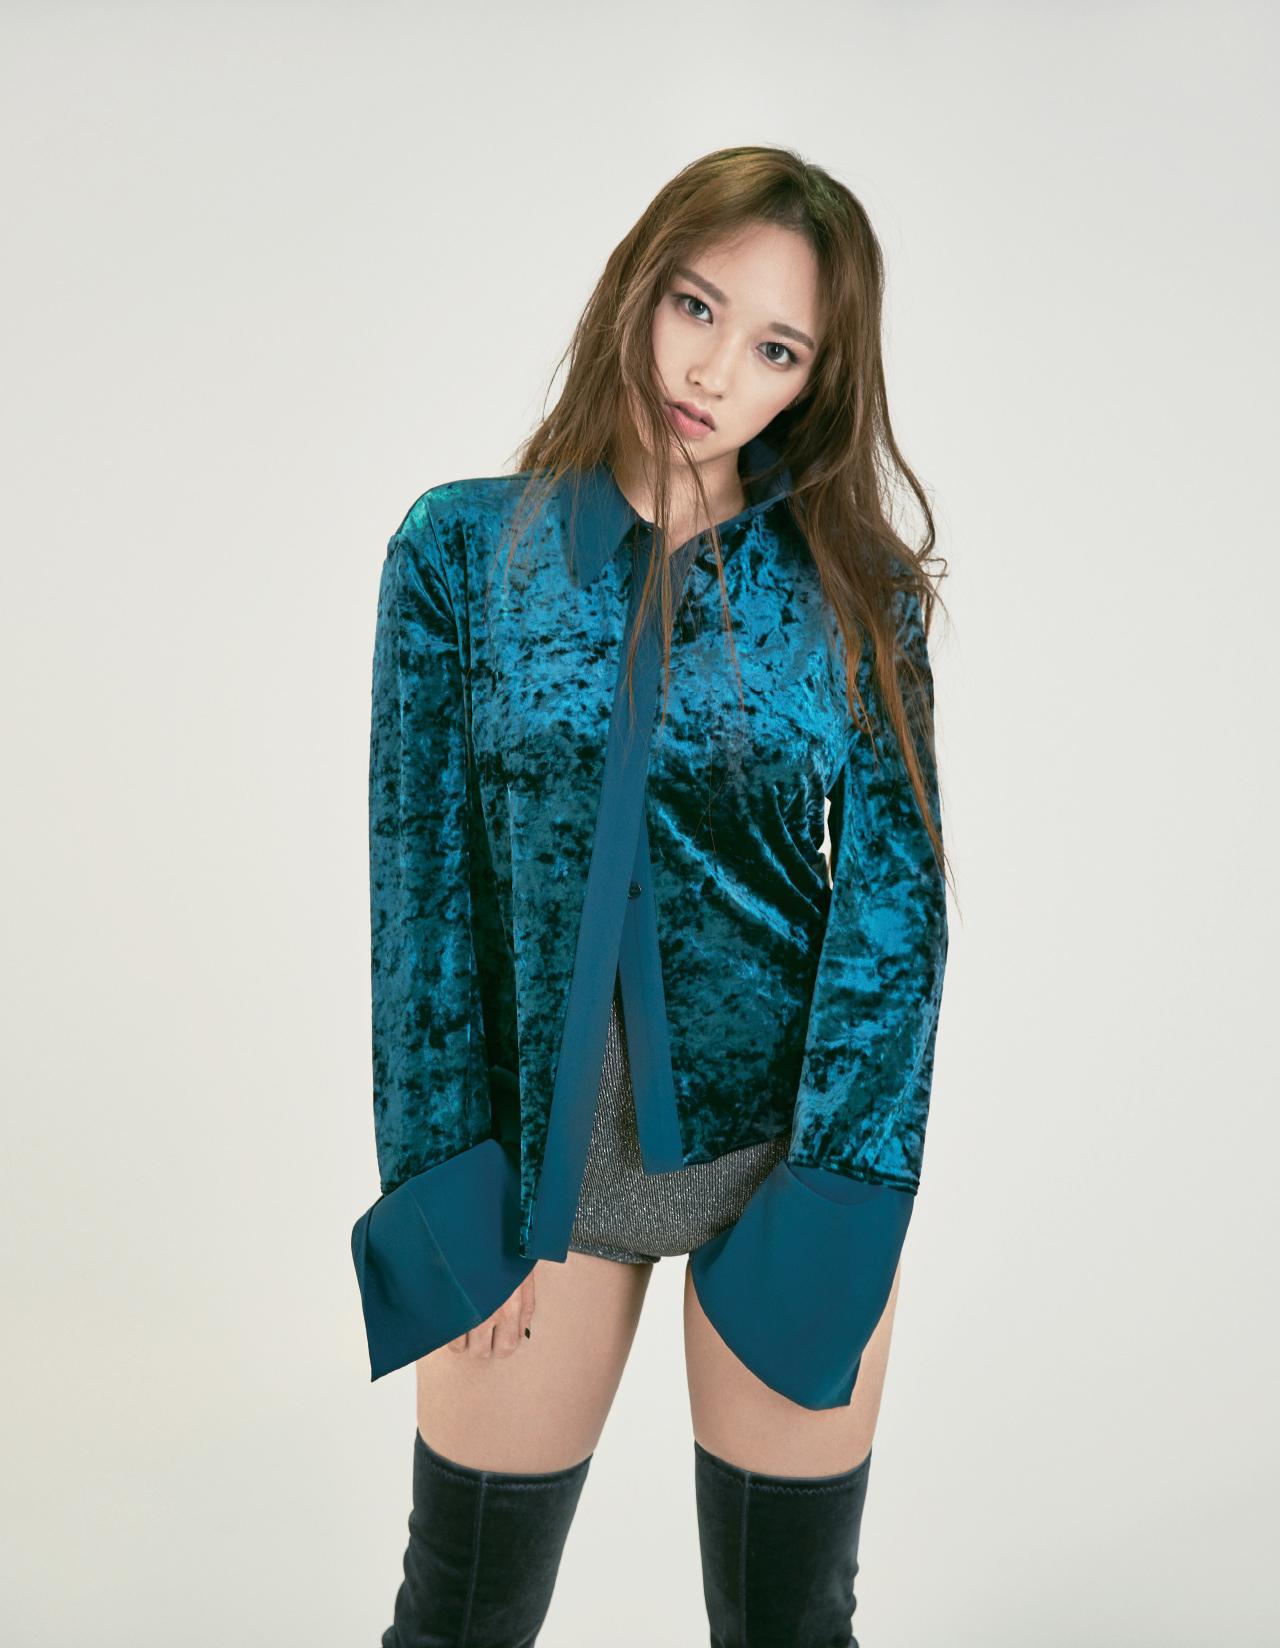 맑고 밝고 더 알고 싶은 그녀, 성소 - 에스콰이어 코리아 Esquire Korea 2016년 12월호